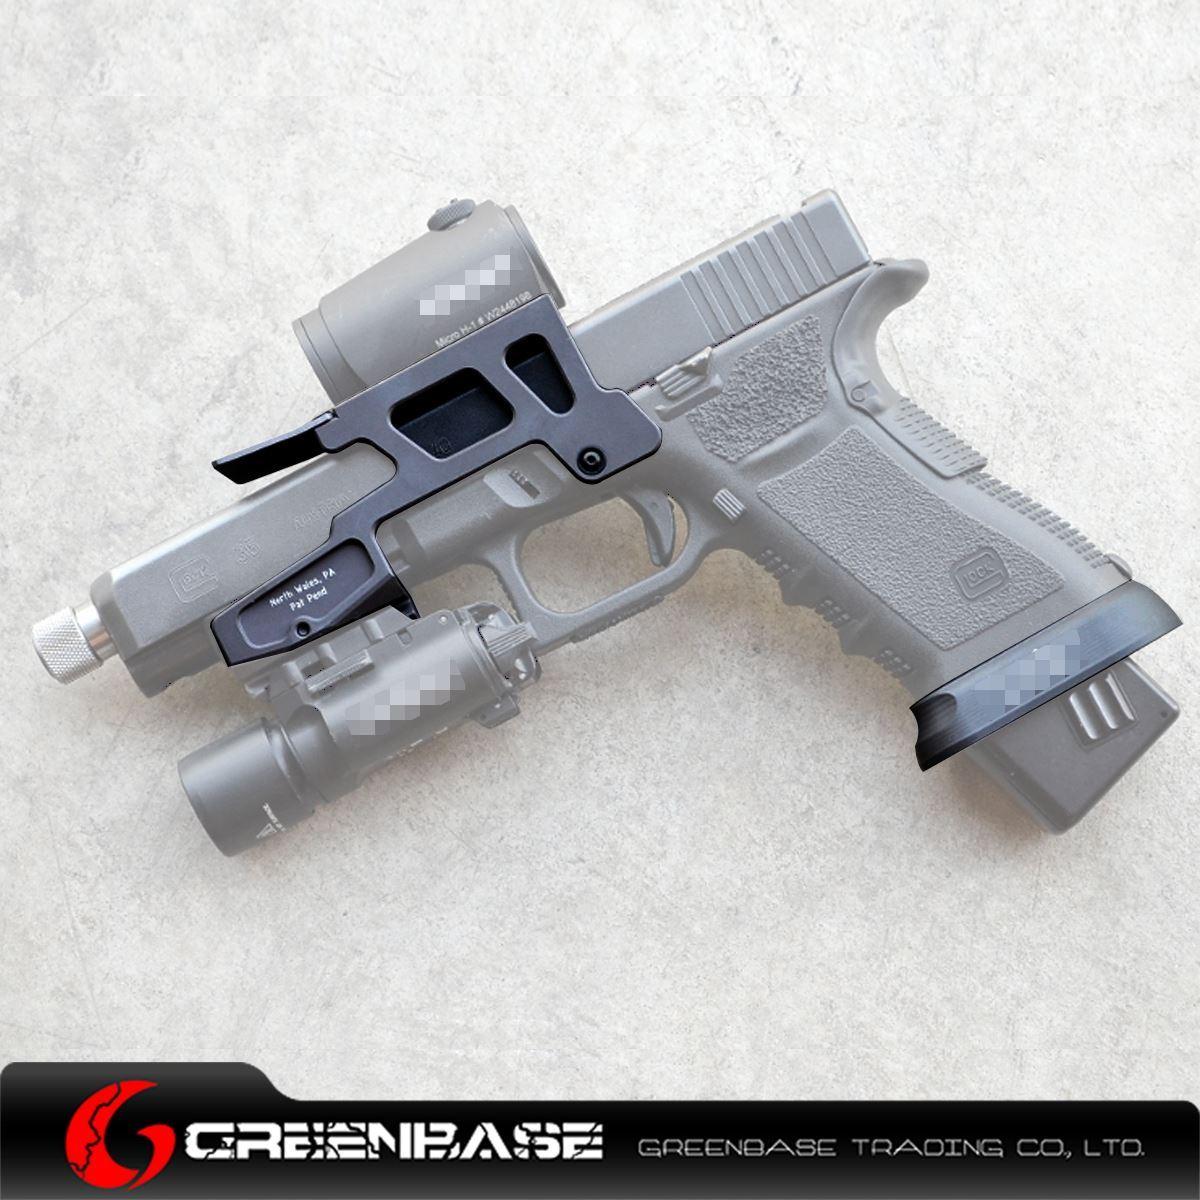 请填关键字 Ar 15 Ak 47 Red Dot Scope Gun Accessories